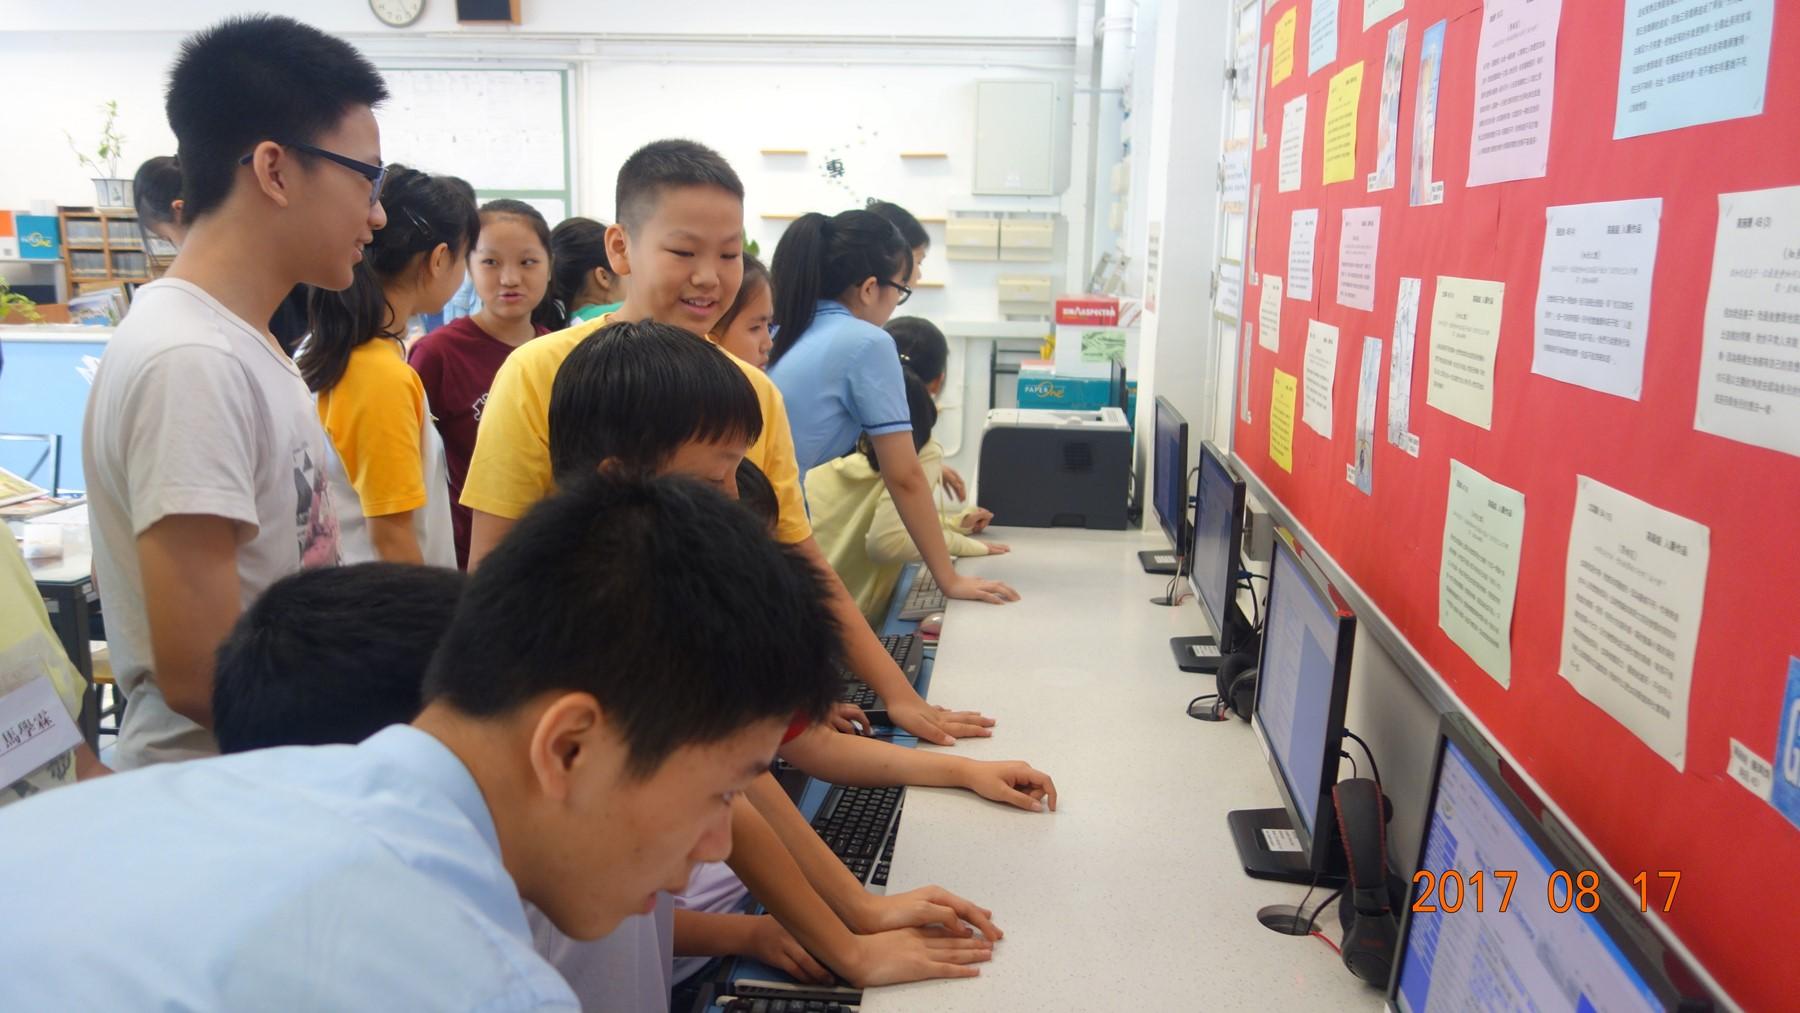 http://www.npc.edu.hk/sites/default/files/1c_kai_qi_zhi_shi_bao_ku_zhi_men_20170817_06.jpg